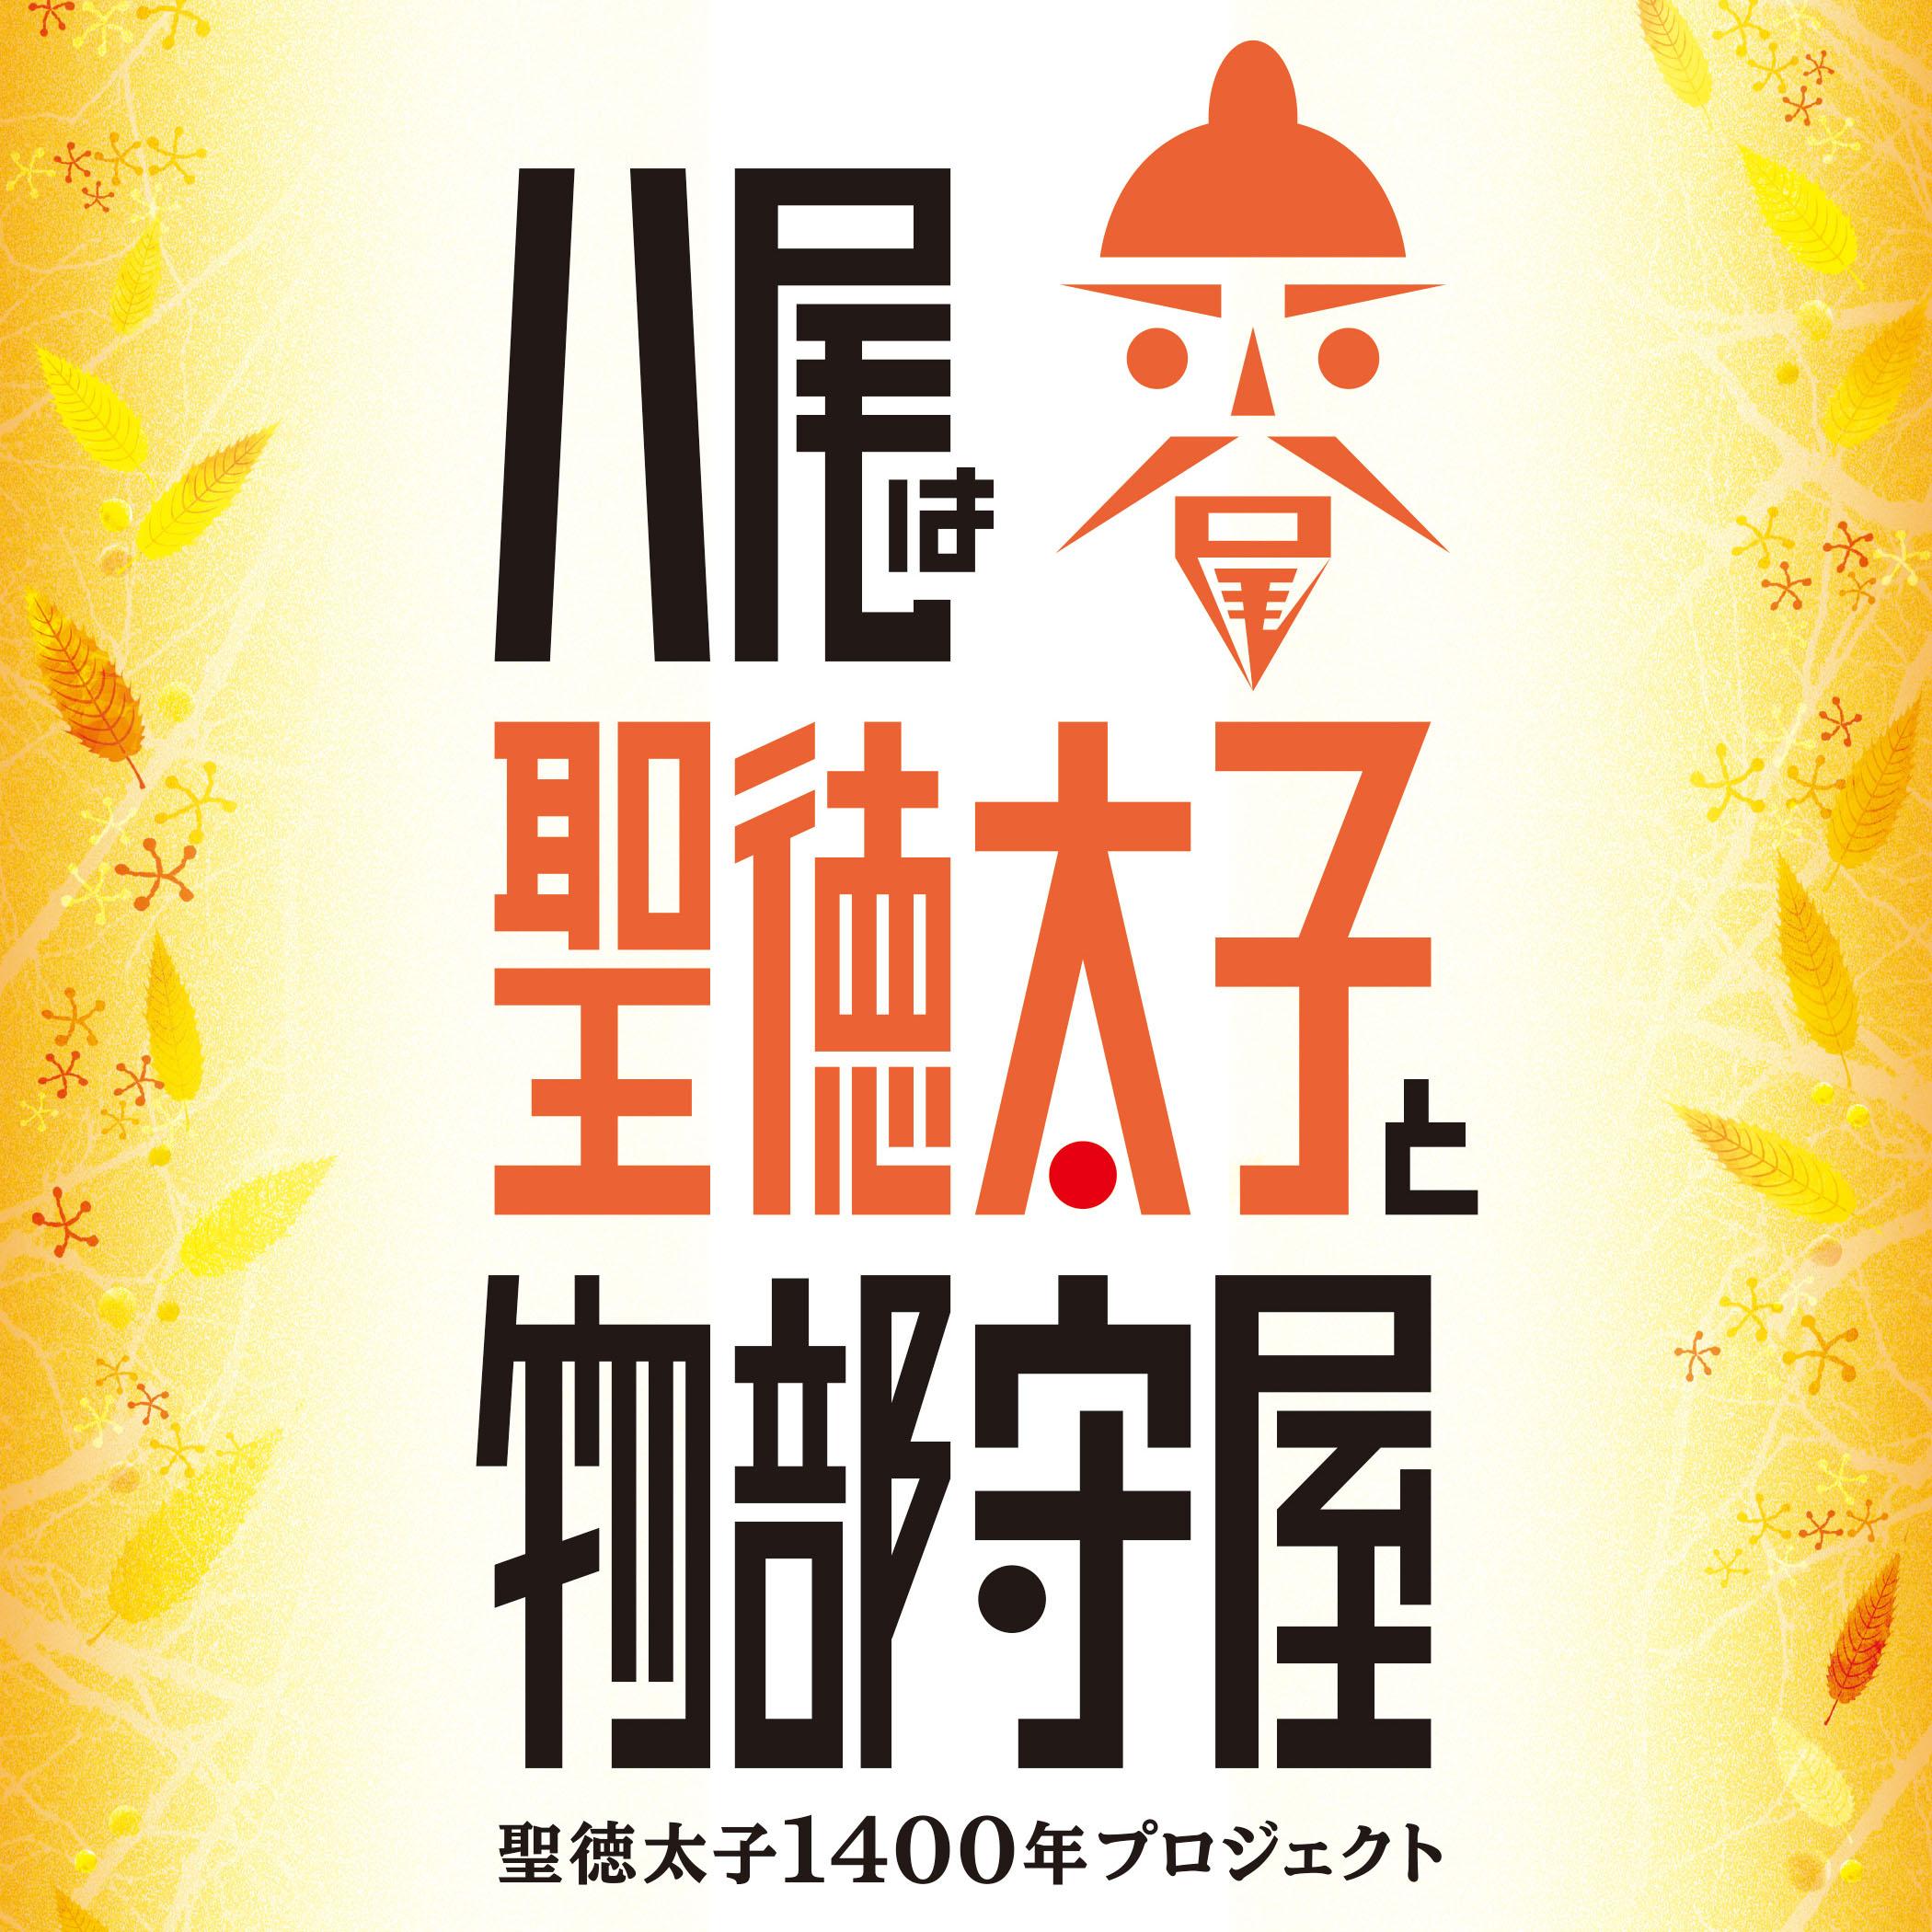 八尾は聖徳太子と物部守屋|2021.3〜 聖徳太子1400年プロジェクト(大阪府八尾市)